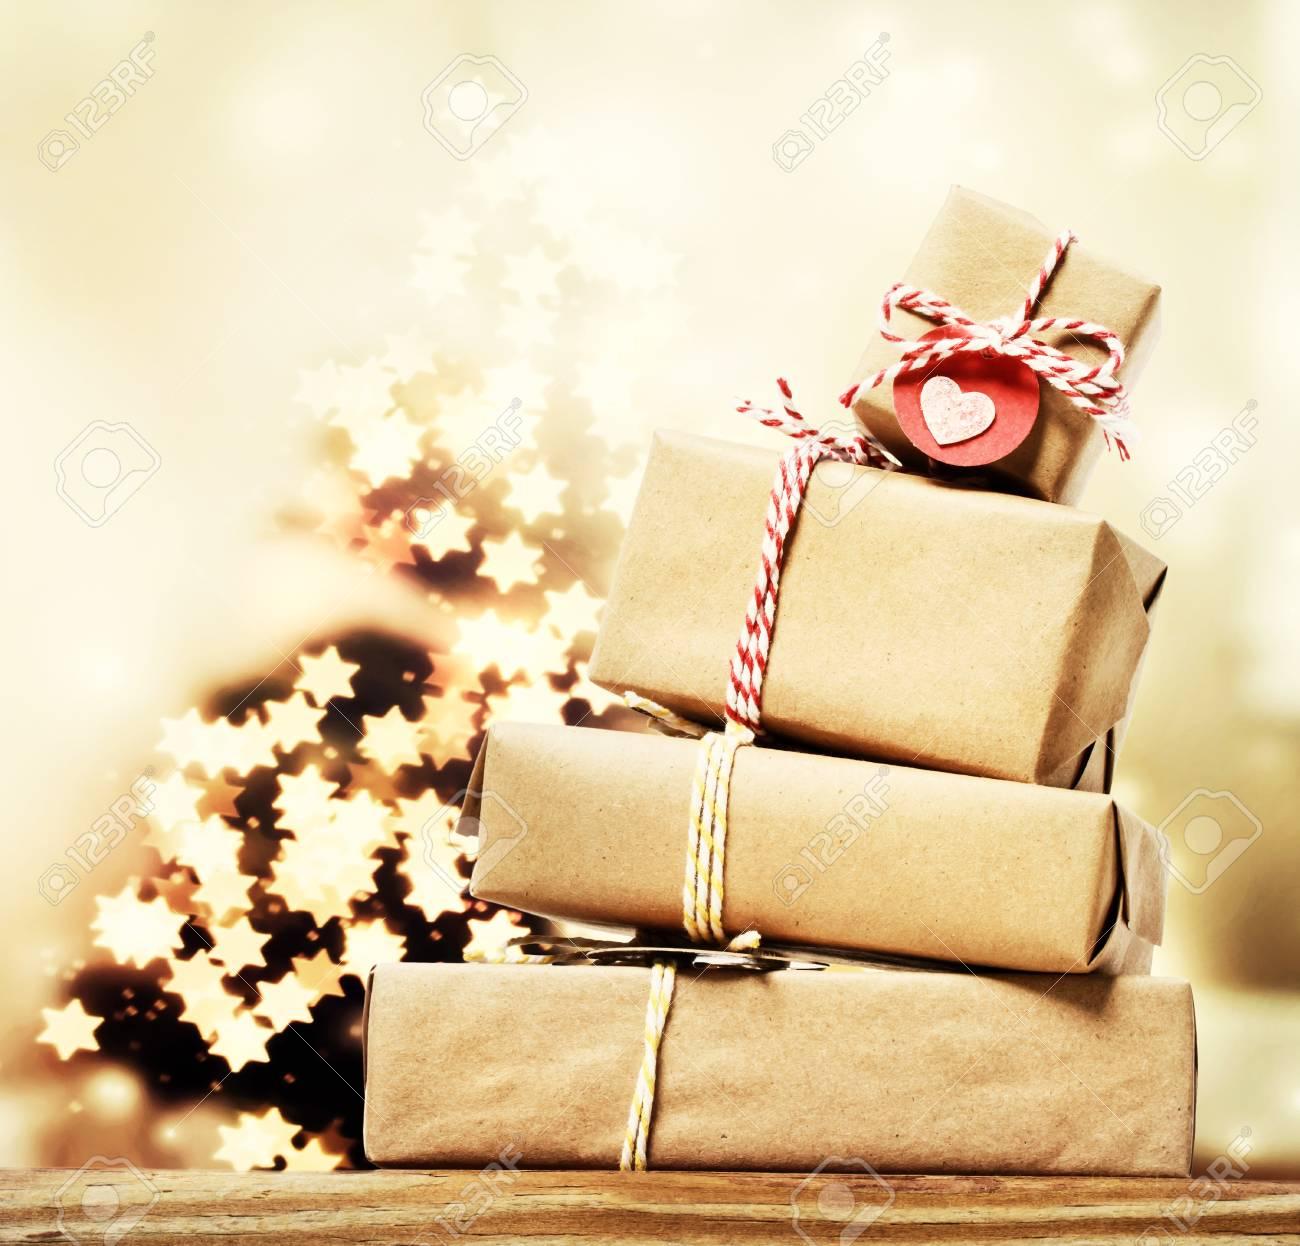 Handgemachte Geschenk-Boxen Mit Sternförmigen Lichter Am ...